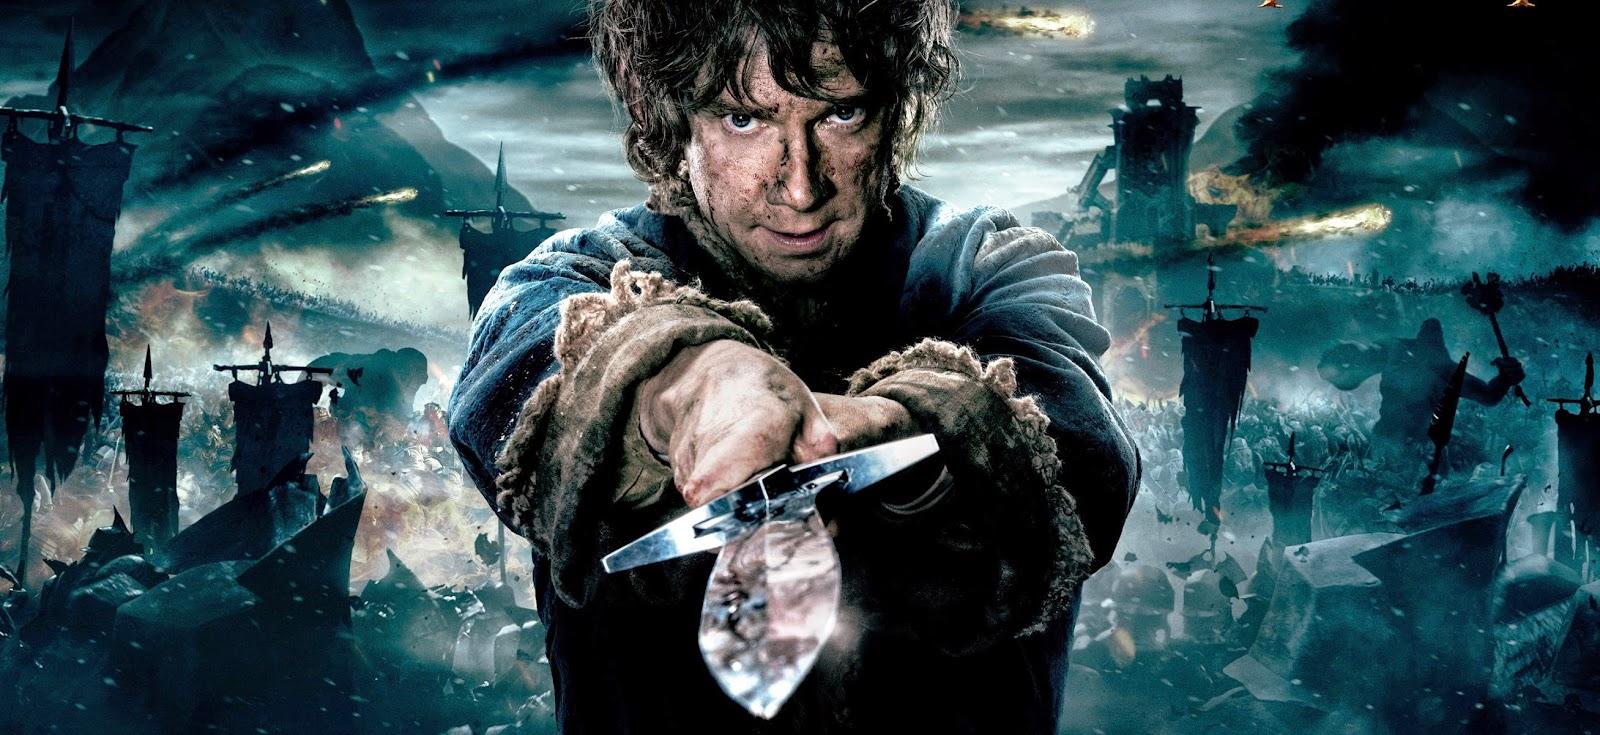 Billy Boyd, da trilogia O Senhor dos Anéis, interpreta canção final de O Hobbit: A Batalha dos Cinco Exércitos